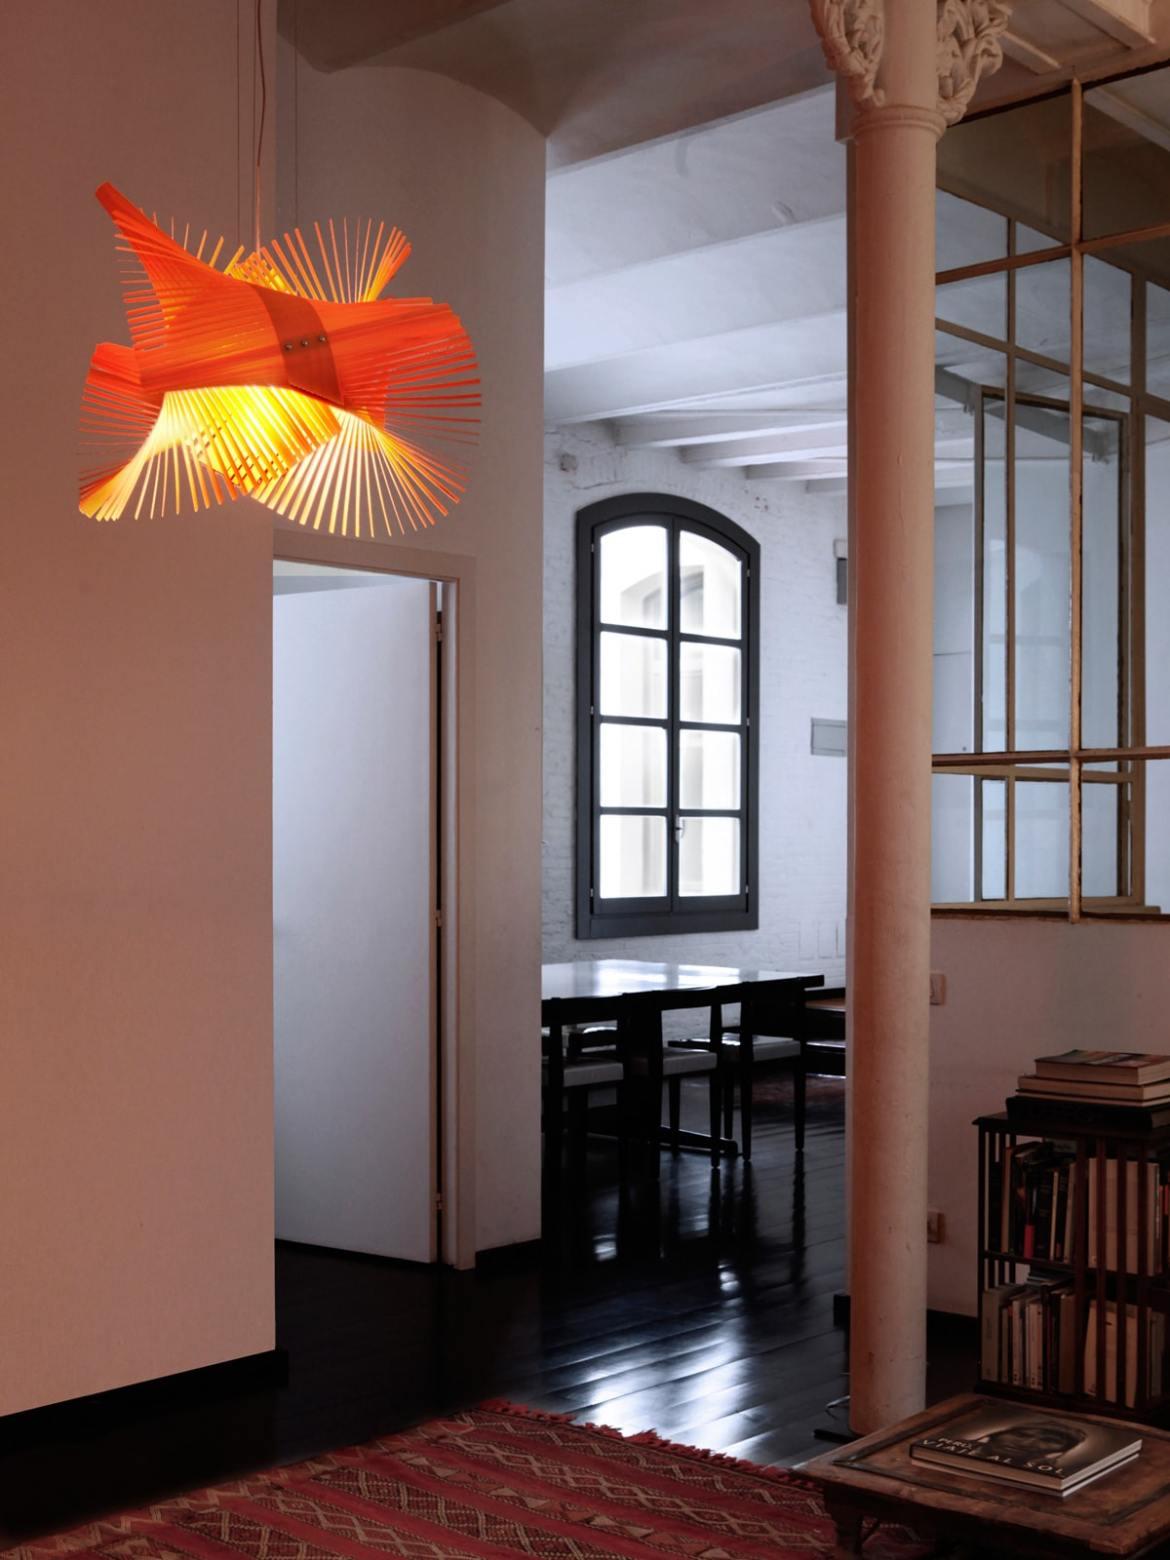 DesignOrt Blog: Schattenspiele LZF Minimikado in Orange 25